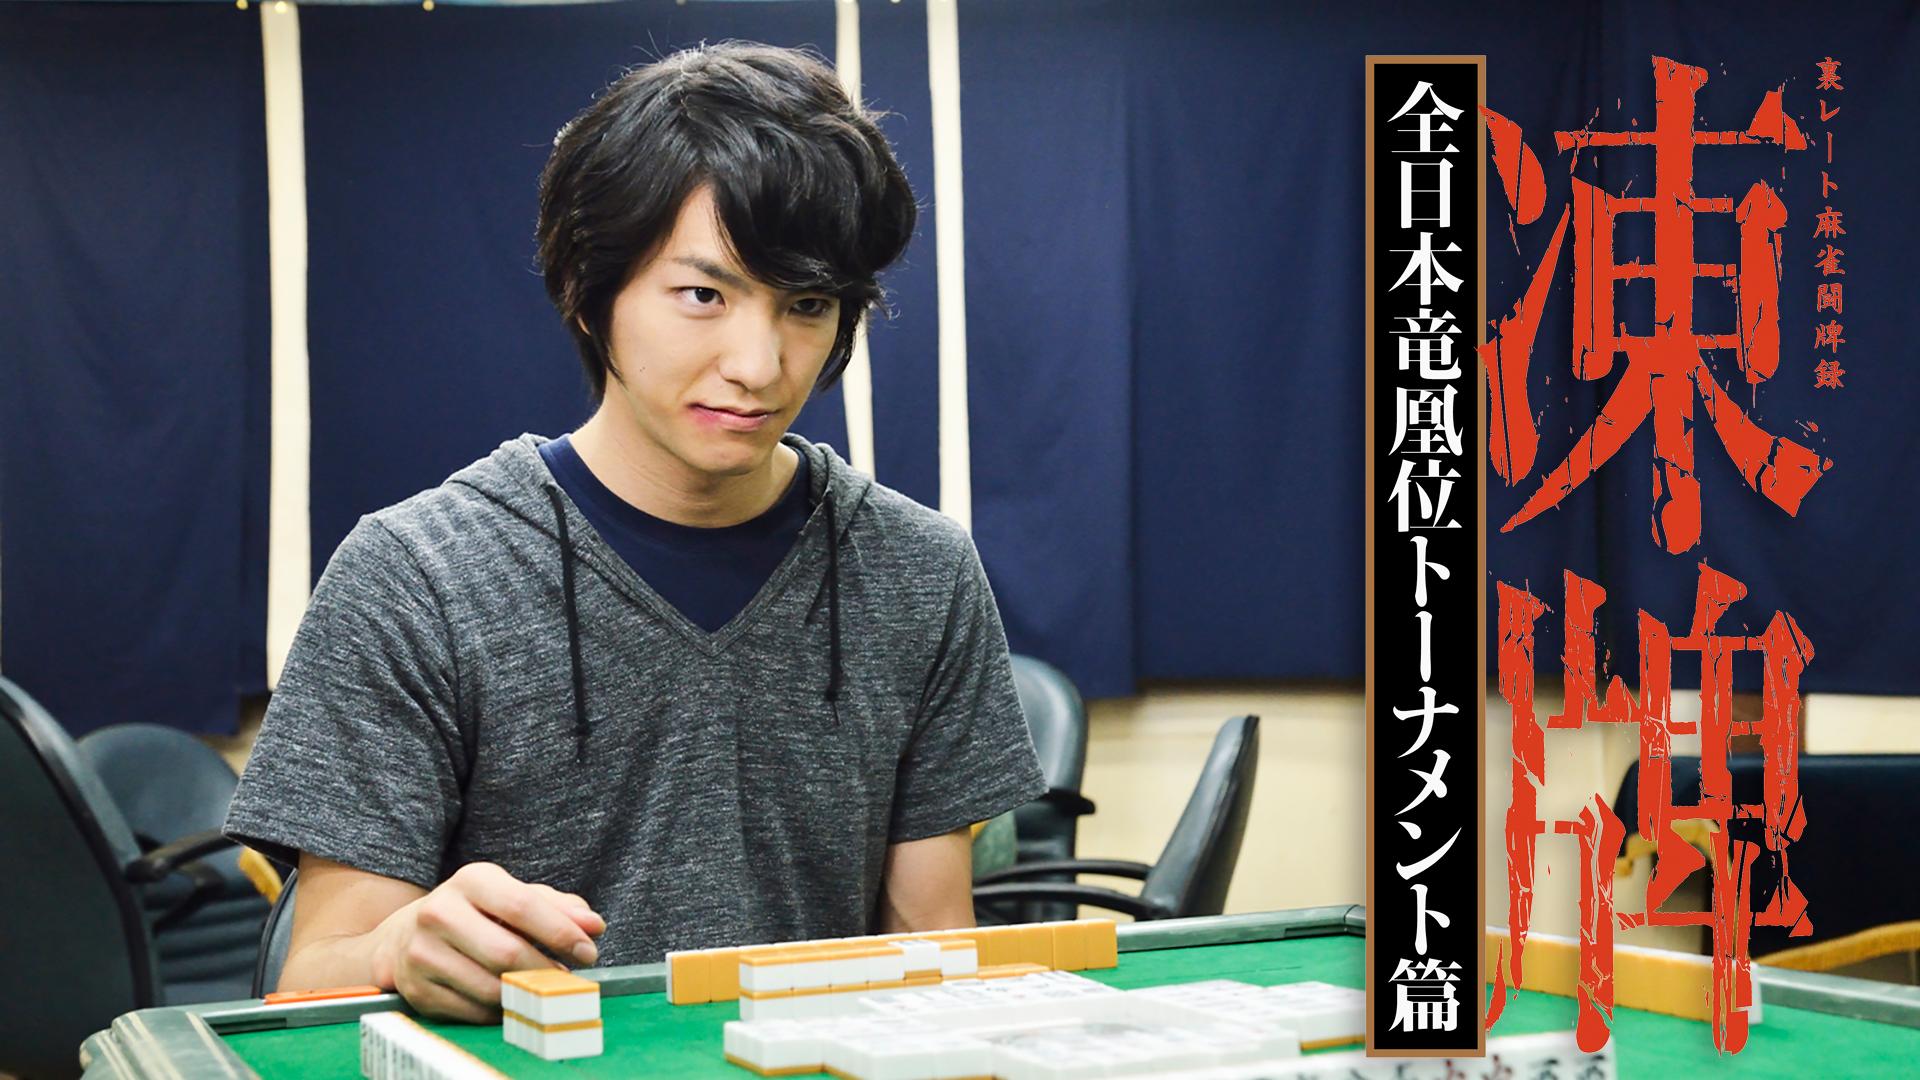 凍牌 裏レート麻雀闘牌録 全日本竜凰位トーナメント篇